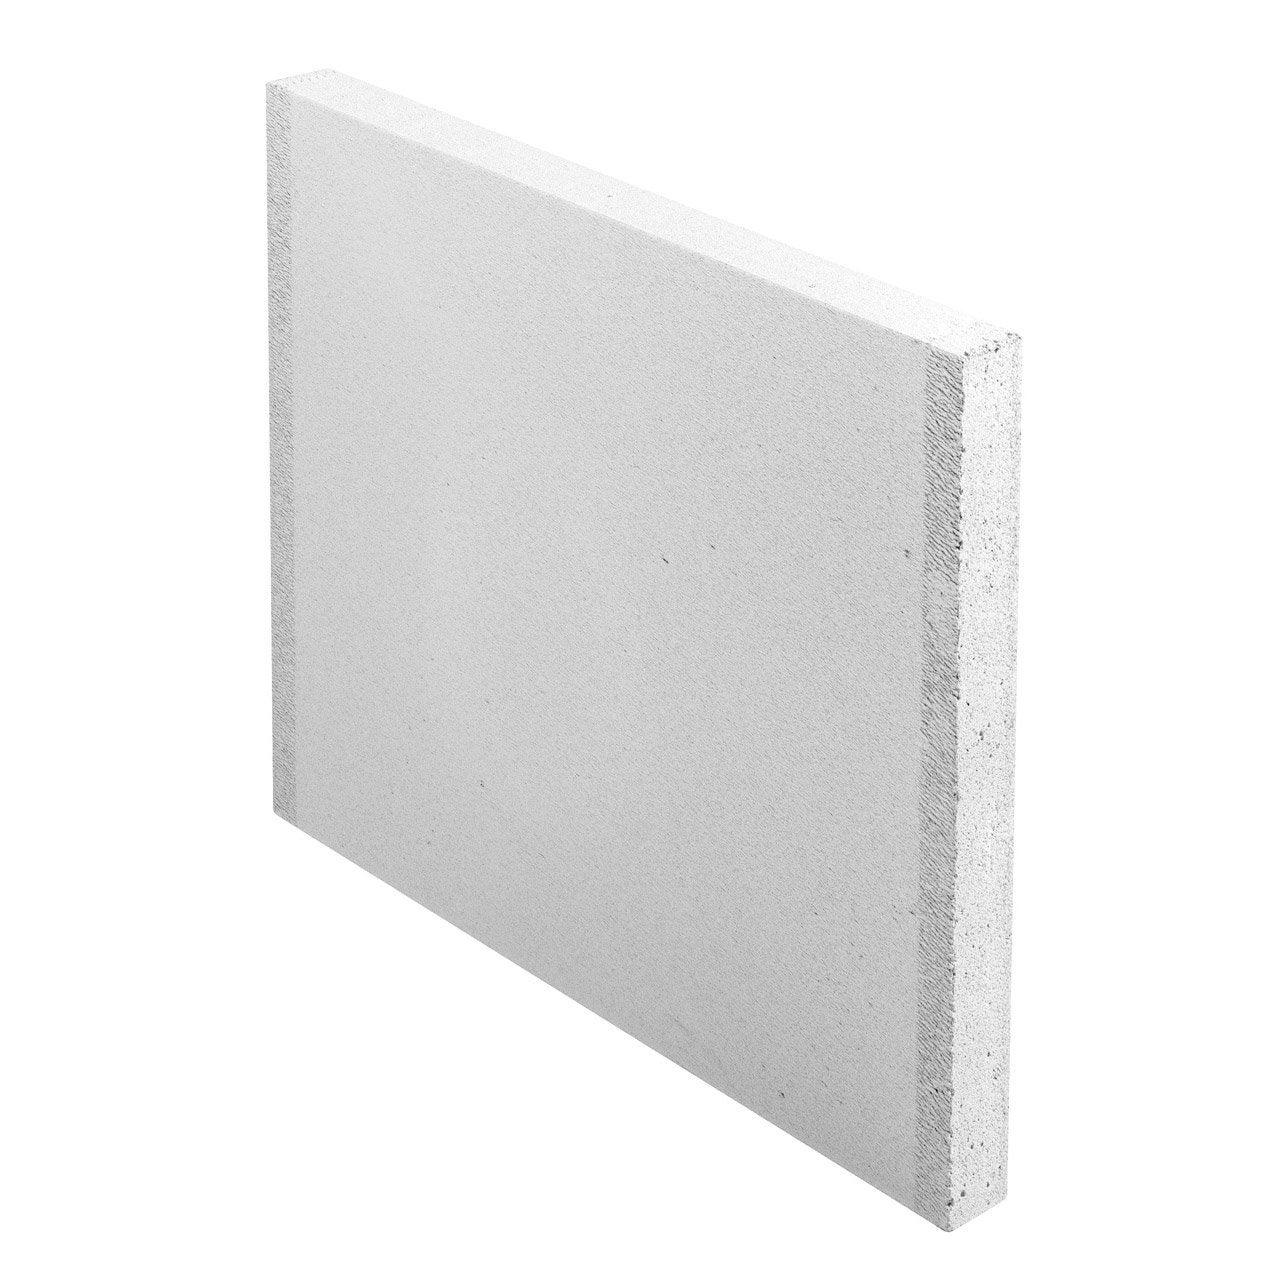 Carreau de b ton cellulaire lisse x x ep 5 cm ytong leroy merlin - Etancheite jardiniere beton ...